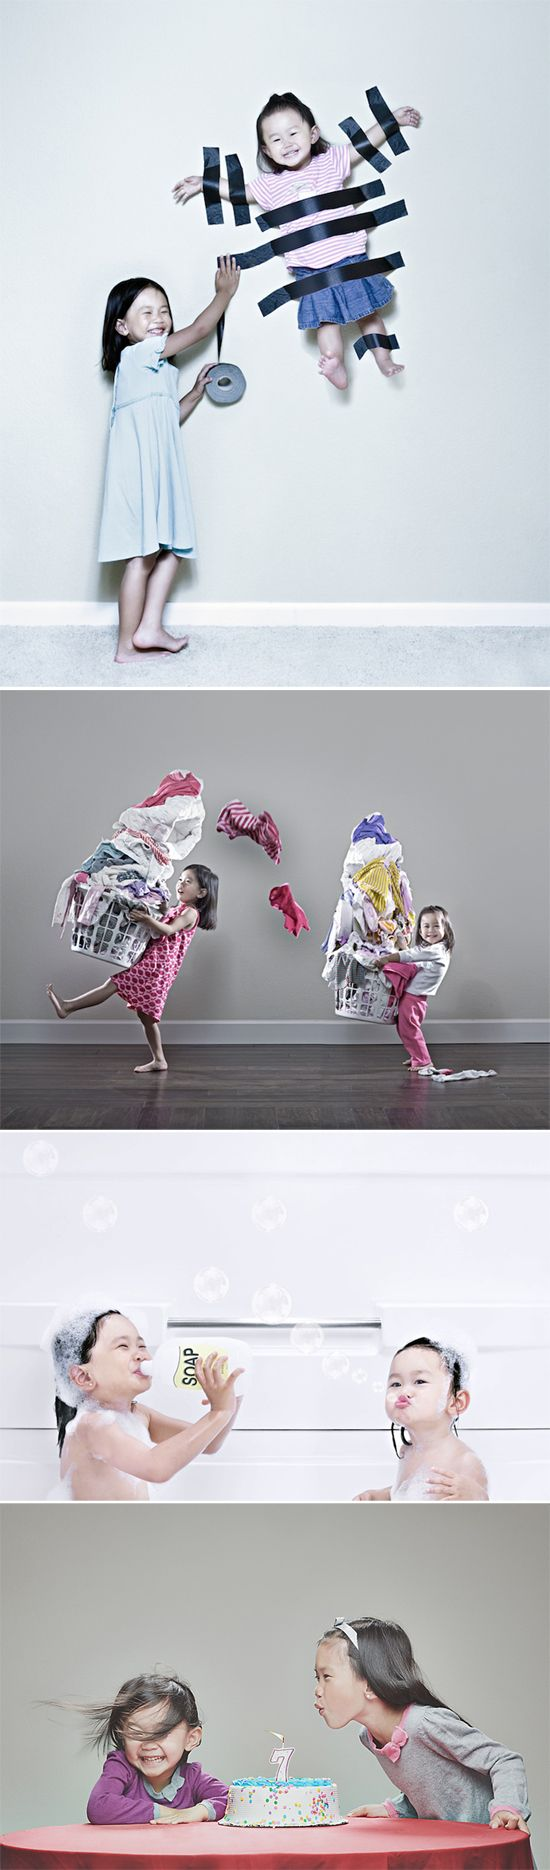 Fácil y Sencillo: 2 Ejemplos de Fotos en Familia Originales y Exitosas